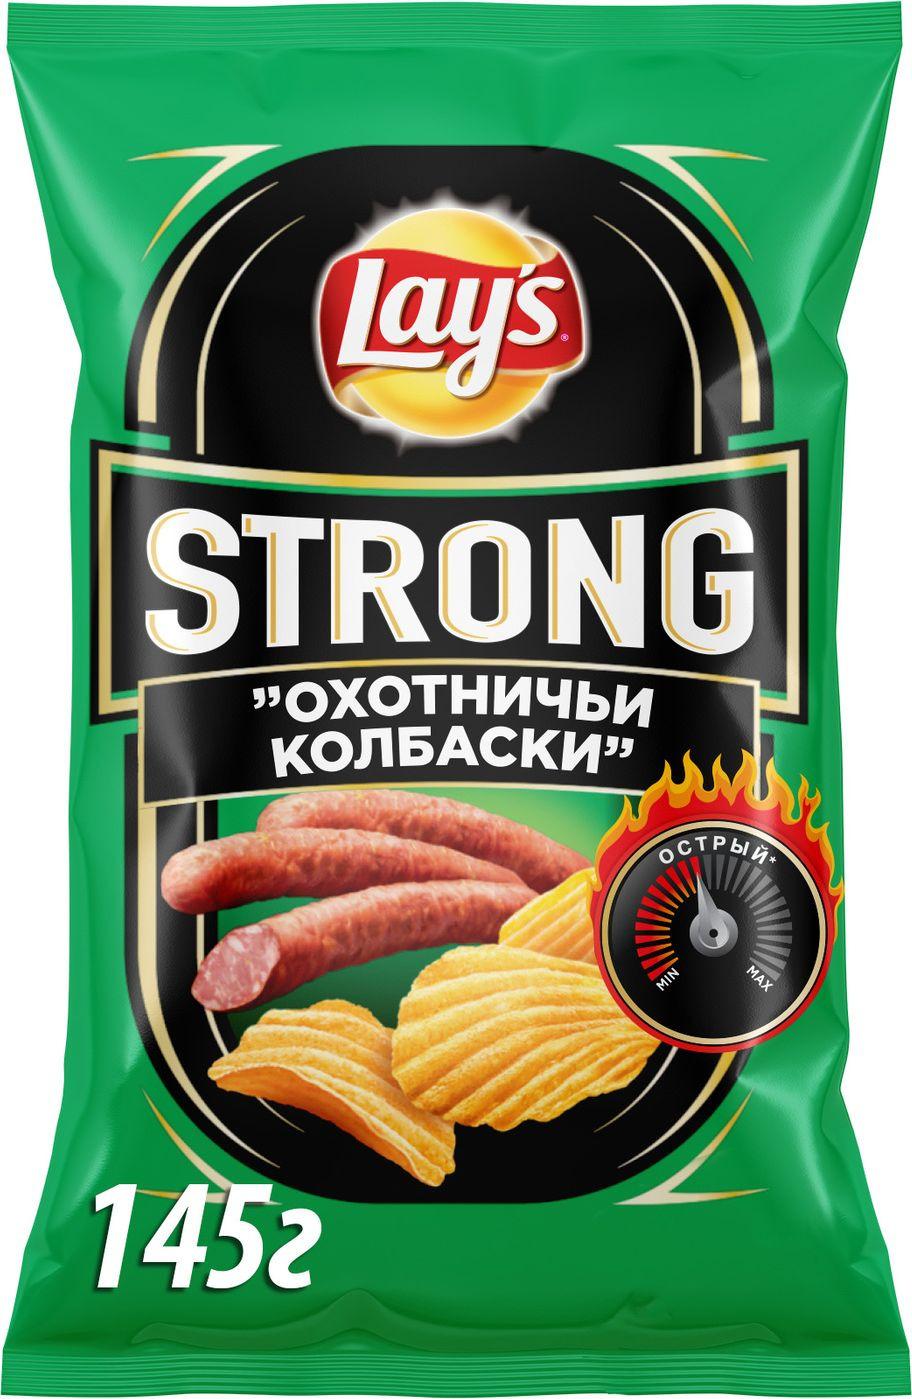 Чипсы Lay's Strong Охотничьи колбаски картофельные, 145 г чипсы картофельные русская картошка колбаски гриль 150 г